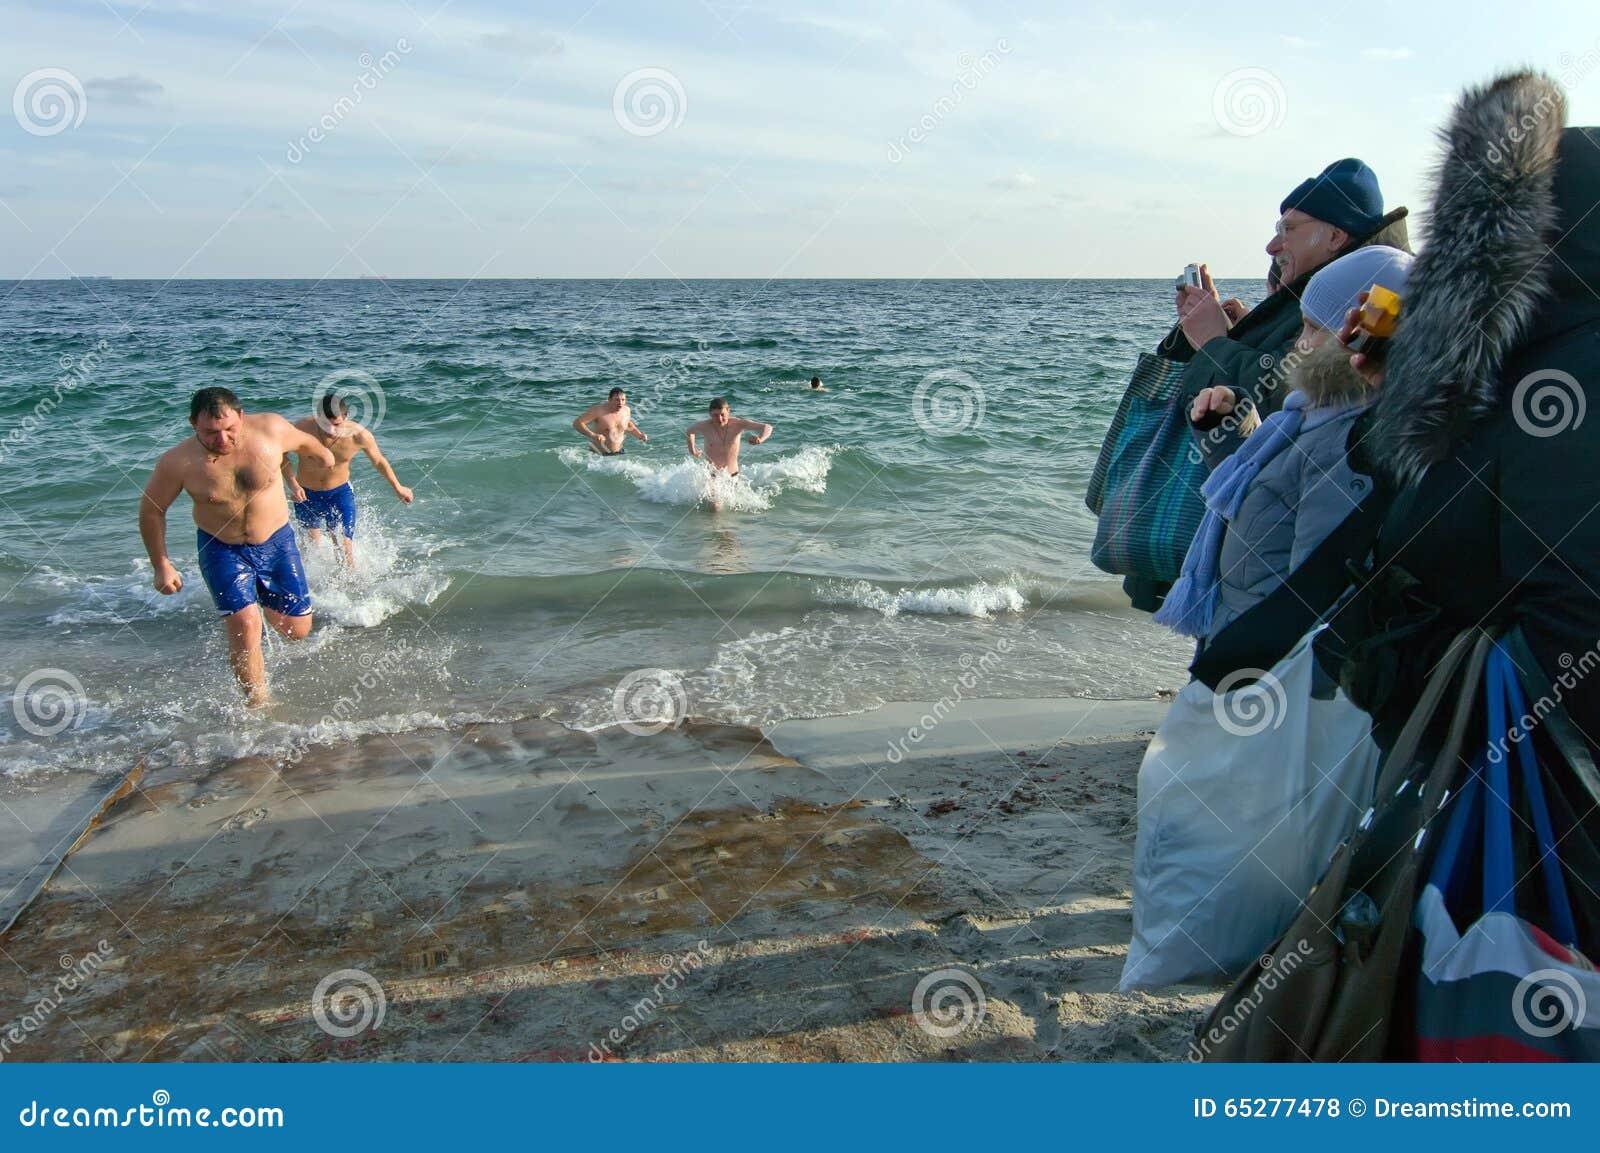 Odessa, Ukraina STYCZEŃ 19, 2012: --: Peopls dopłynięcie w lodzie - zimnej wody Czarny morze podczas objawienia pańskiego w O (Św